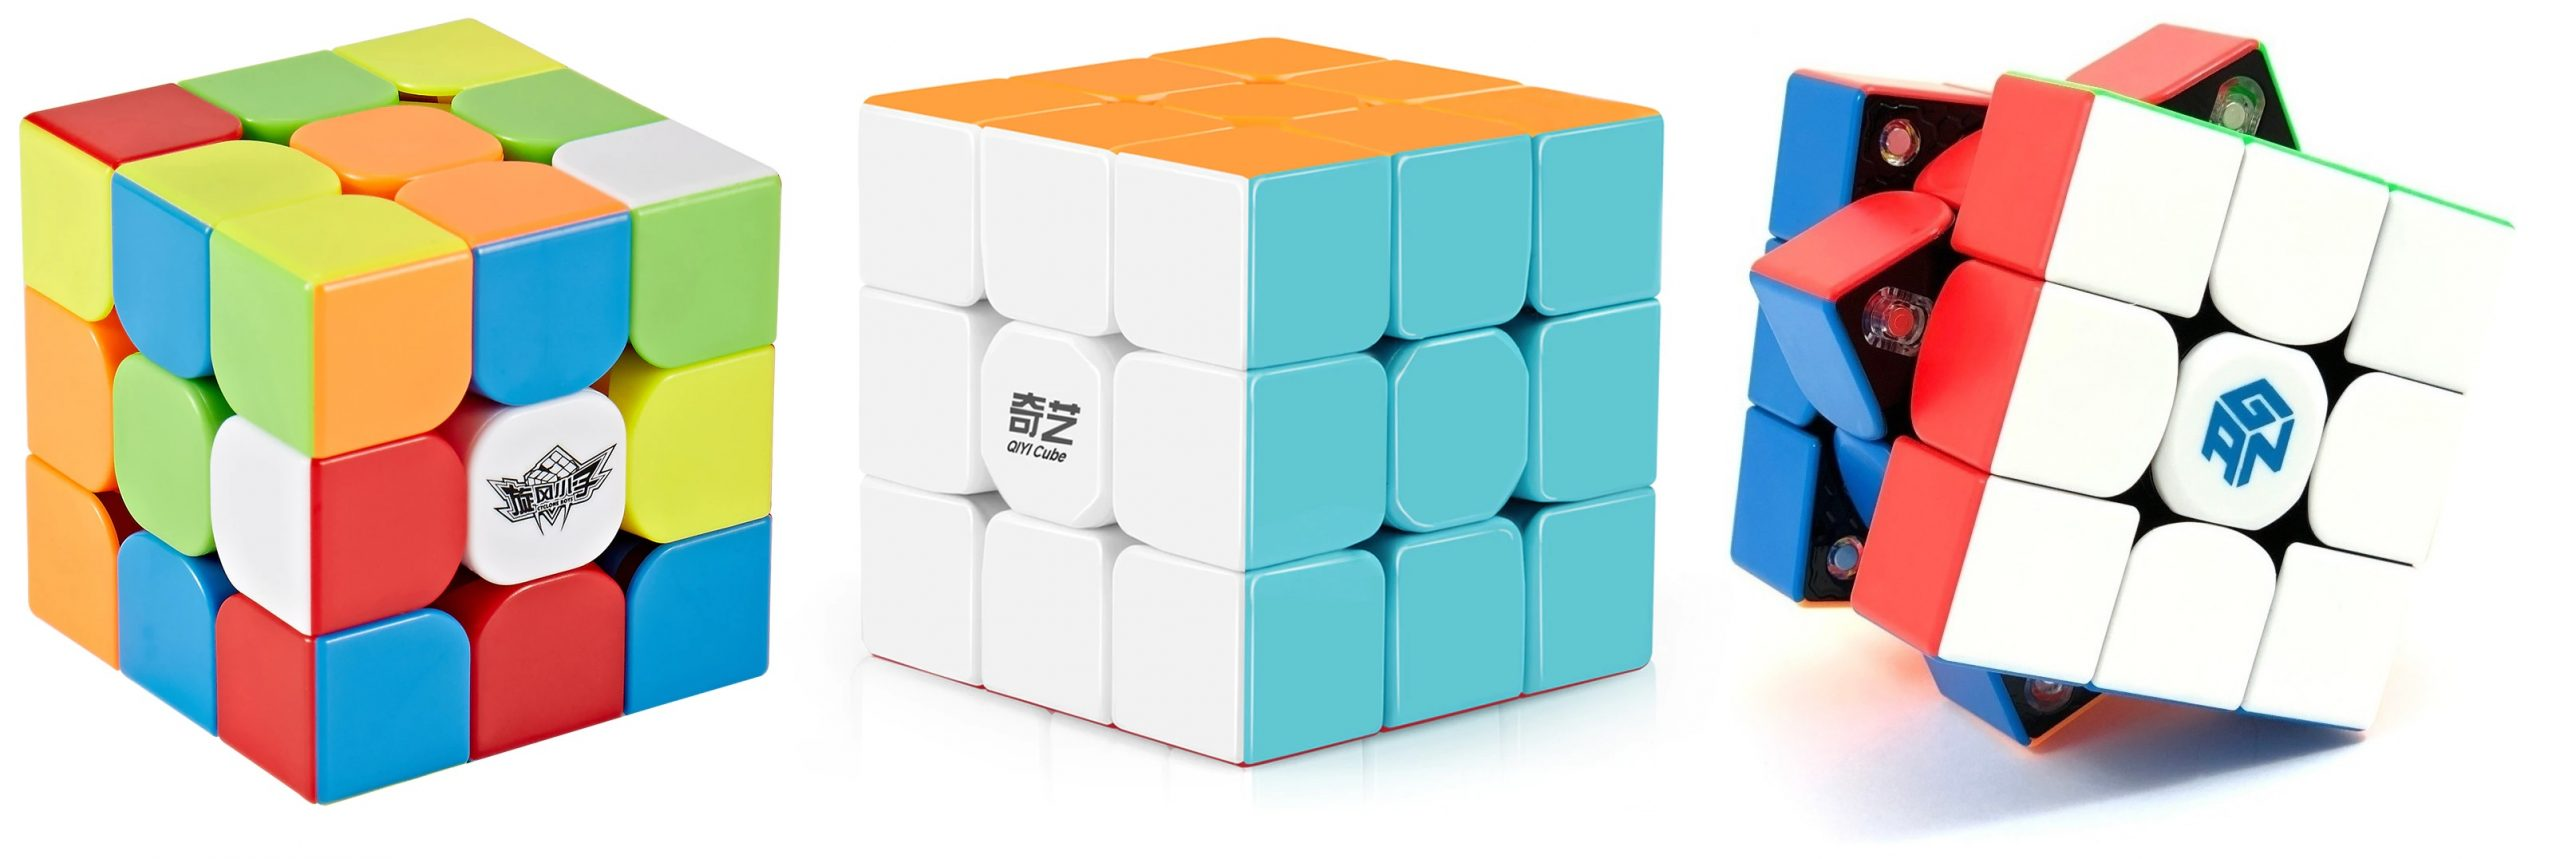 Diferença entre os tipos de cubos